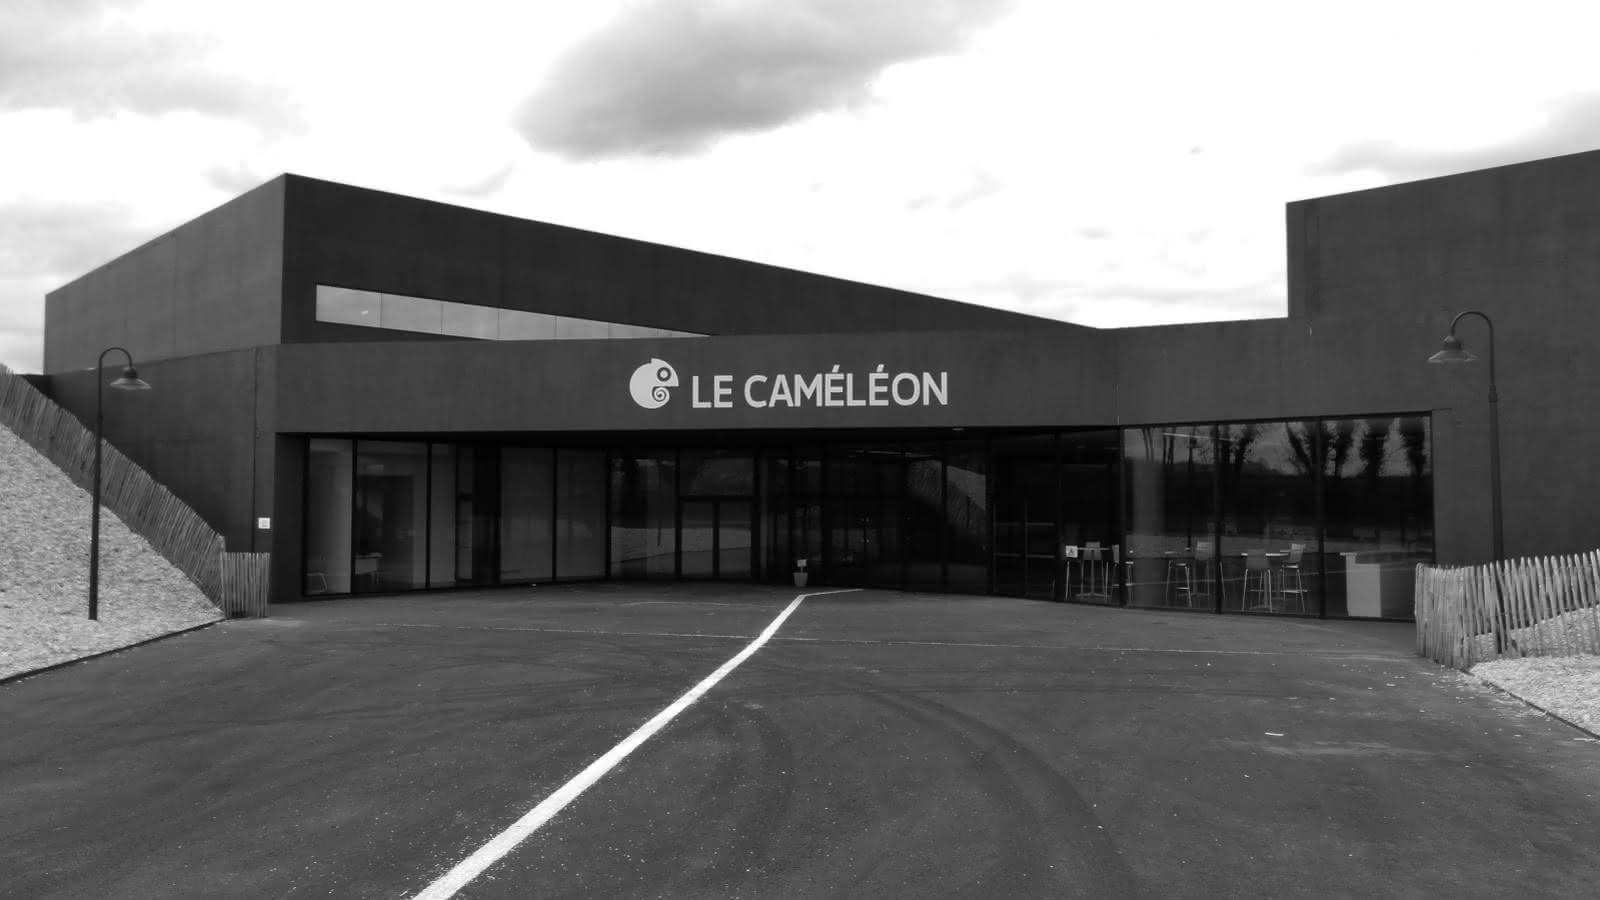 © Le Caméléon